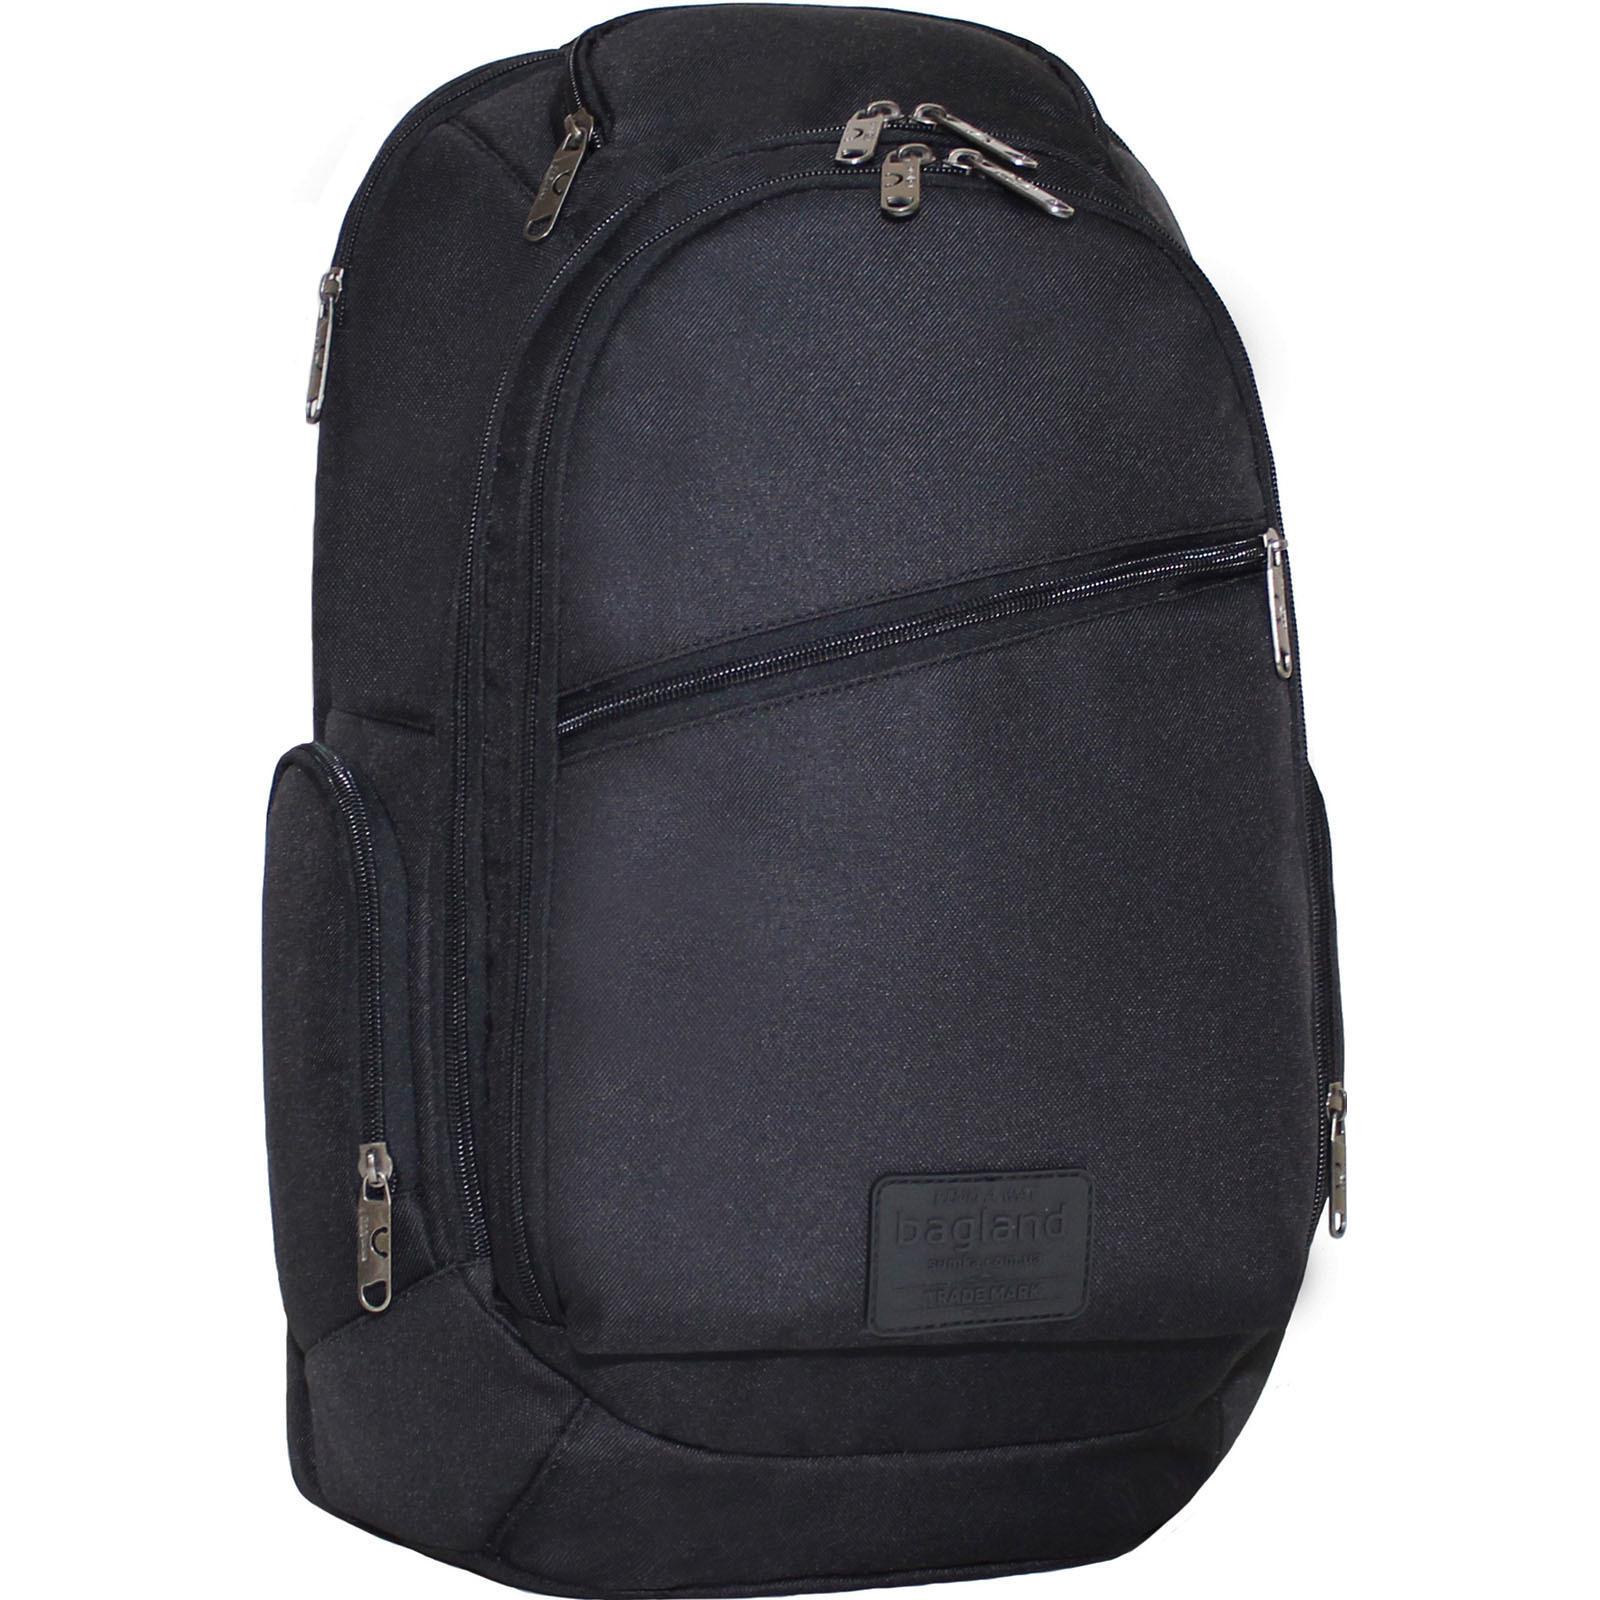 Городские рюкзаки Рюкзак для ноутбука Bagland Tibo 23 л. Чёрный (0019066) IMG_6303.JPG